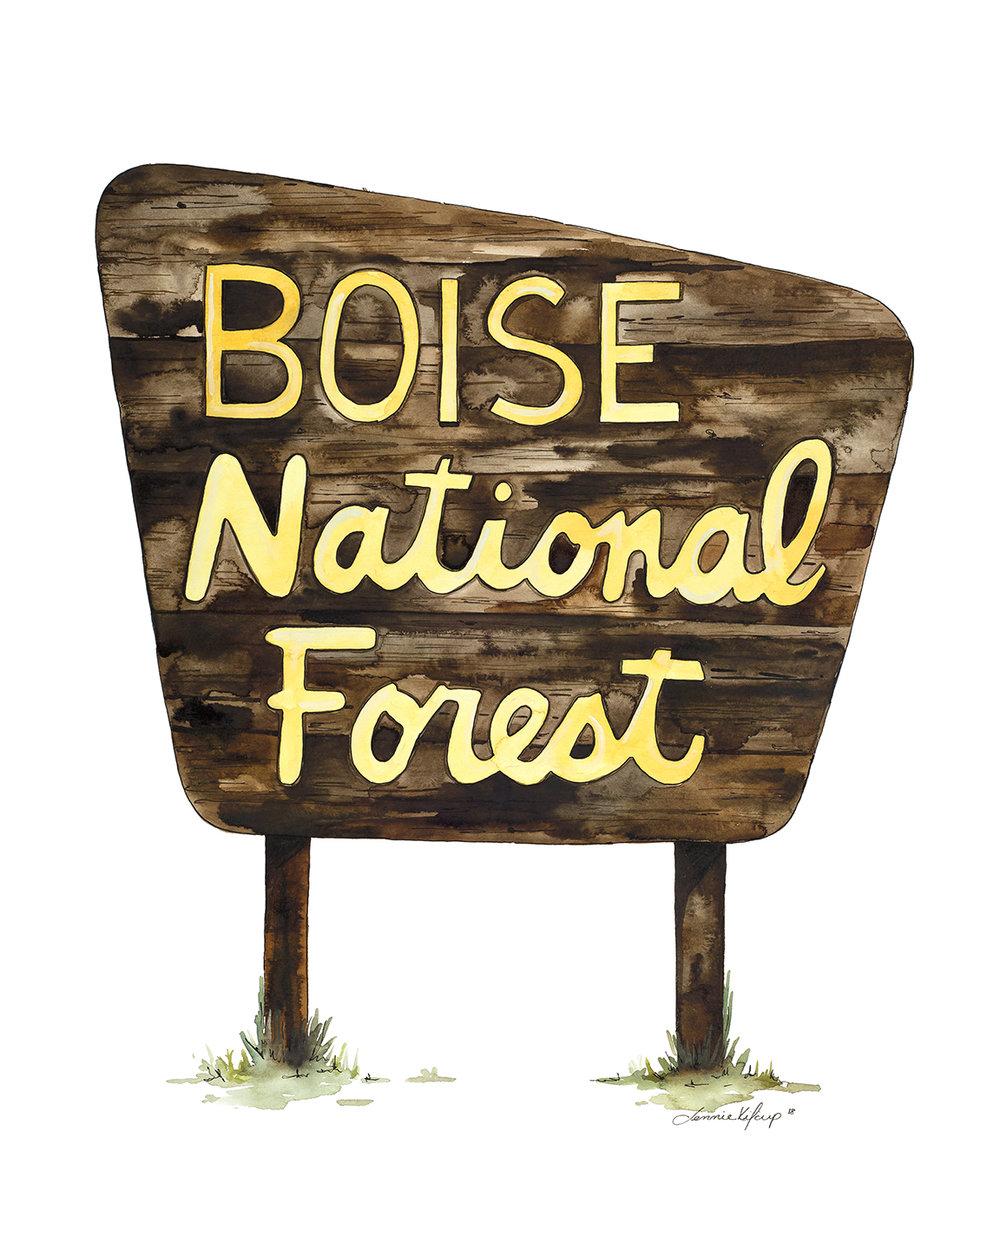 Boise National Forest.jpg